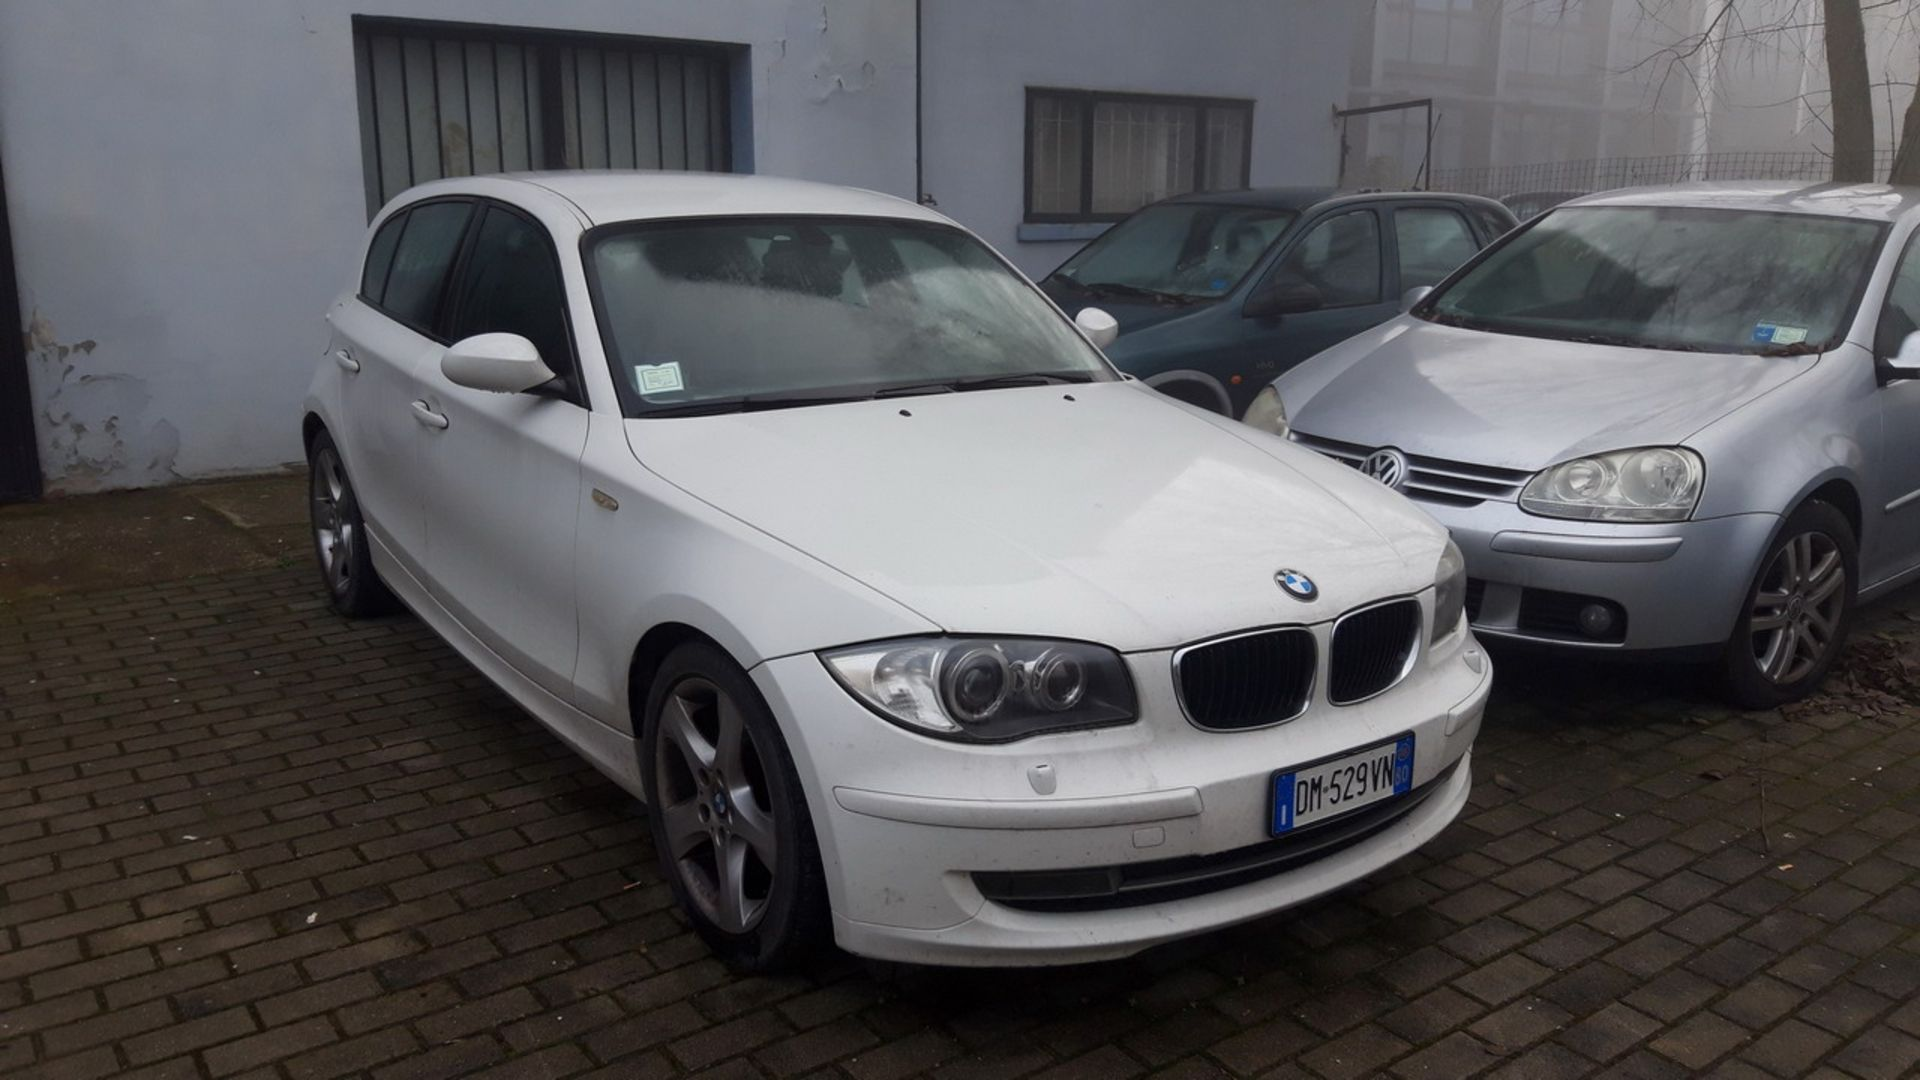 Lotto 17 - N. 1 (ES. N° 1221/19 IVG N° 5.693) AUTOVETTURA BMW TG. DM 529 VN, ANNO IMM.2008, GASOLIO (BENI IN